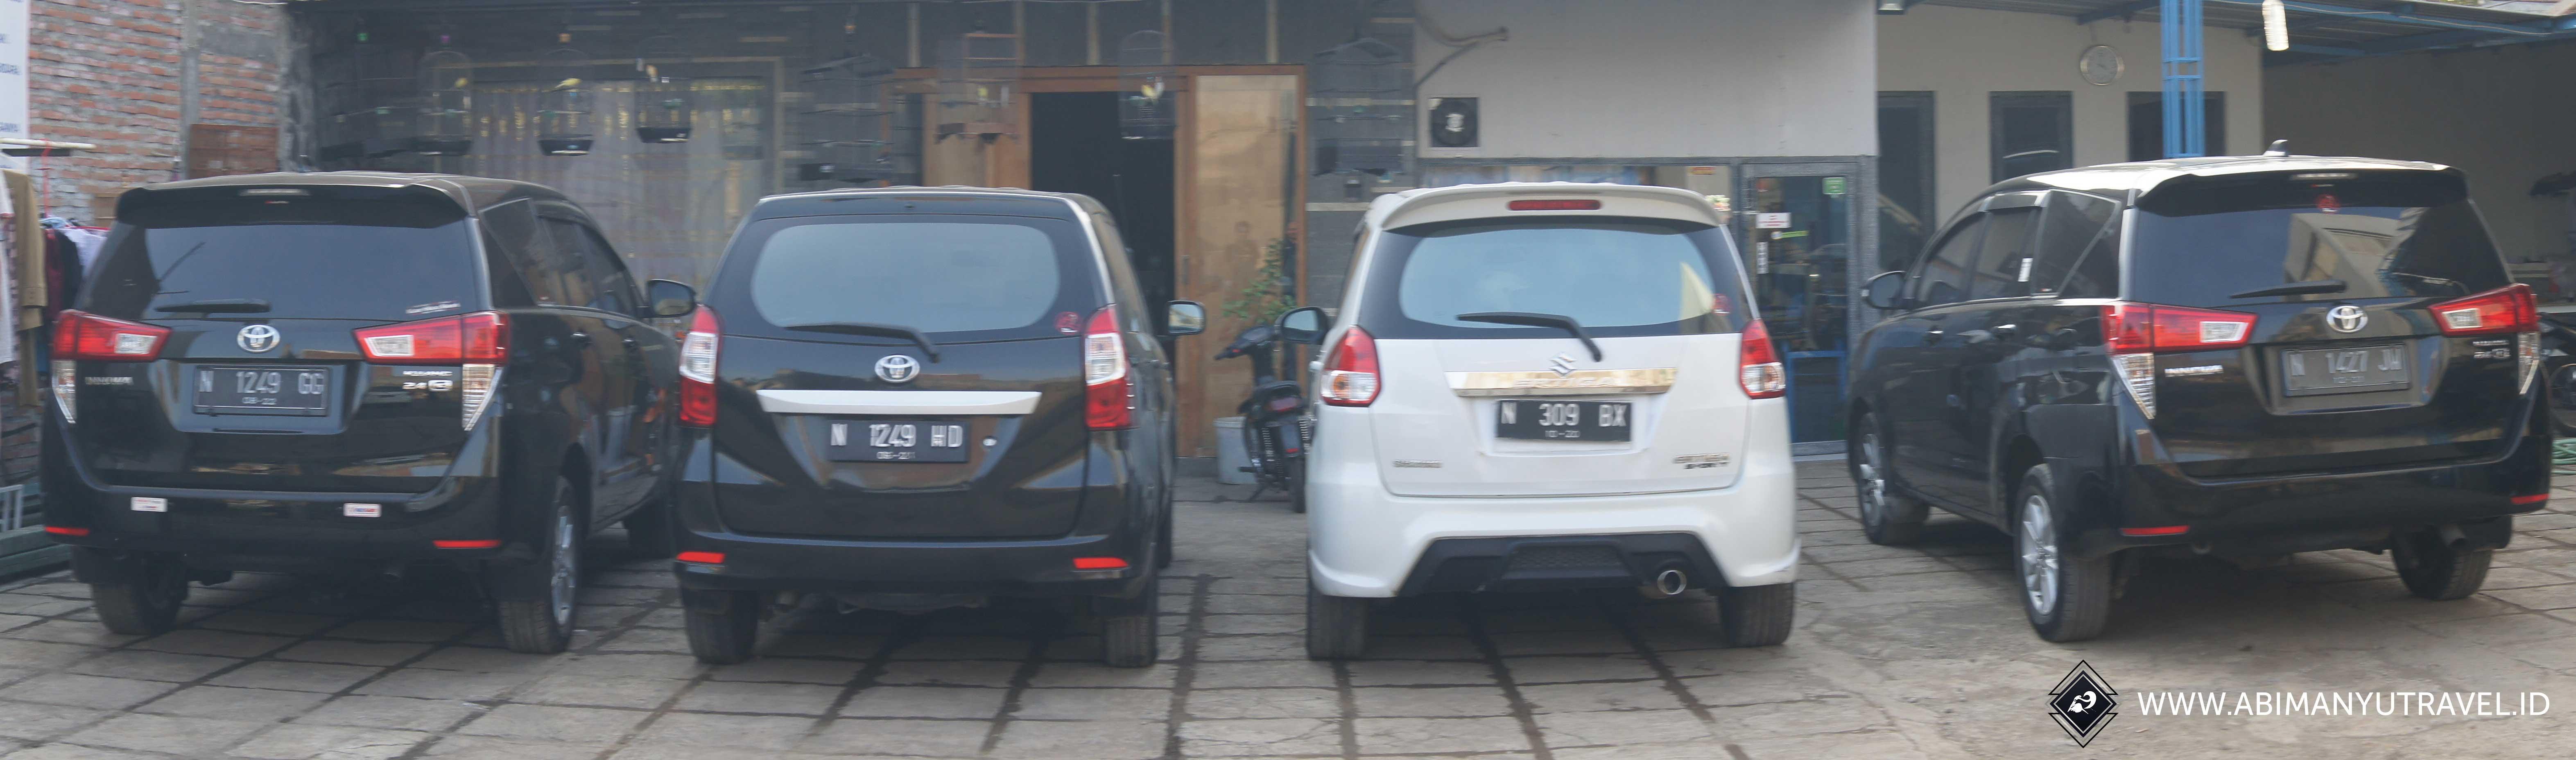 Harga Sewa Mobil Malang